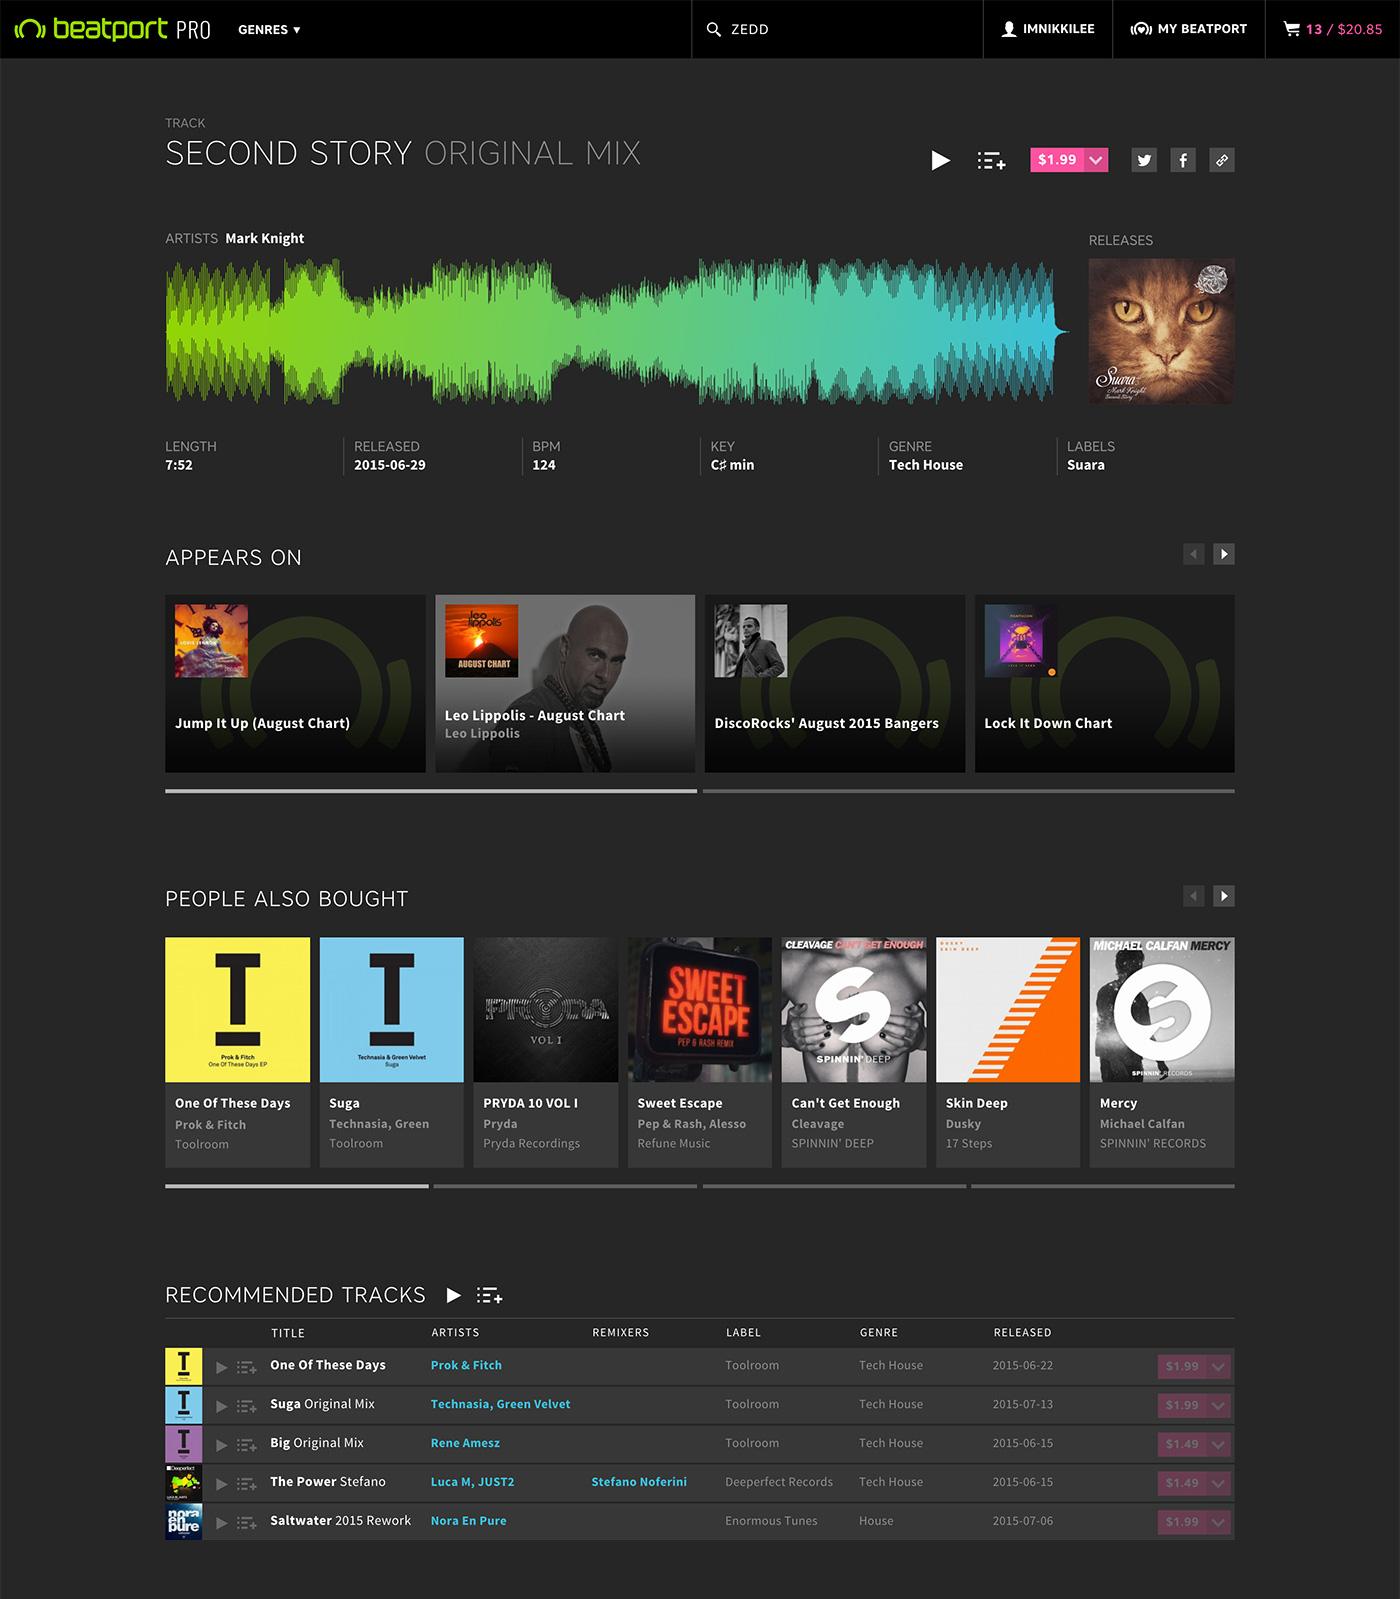 desktop track page